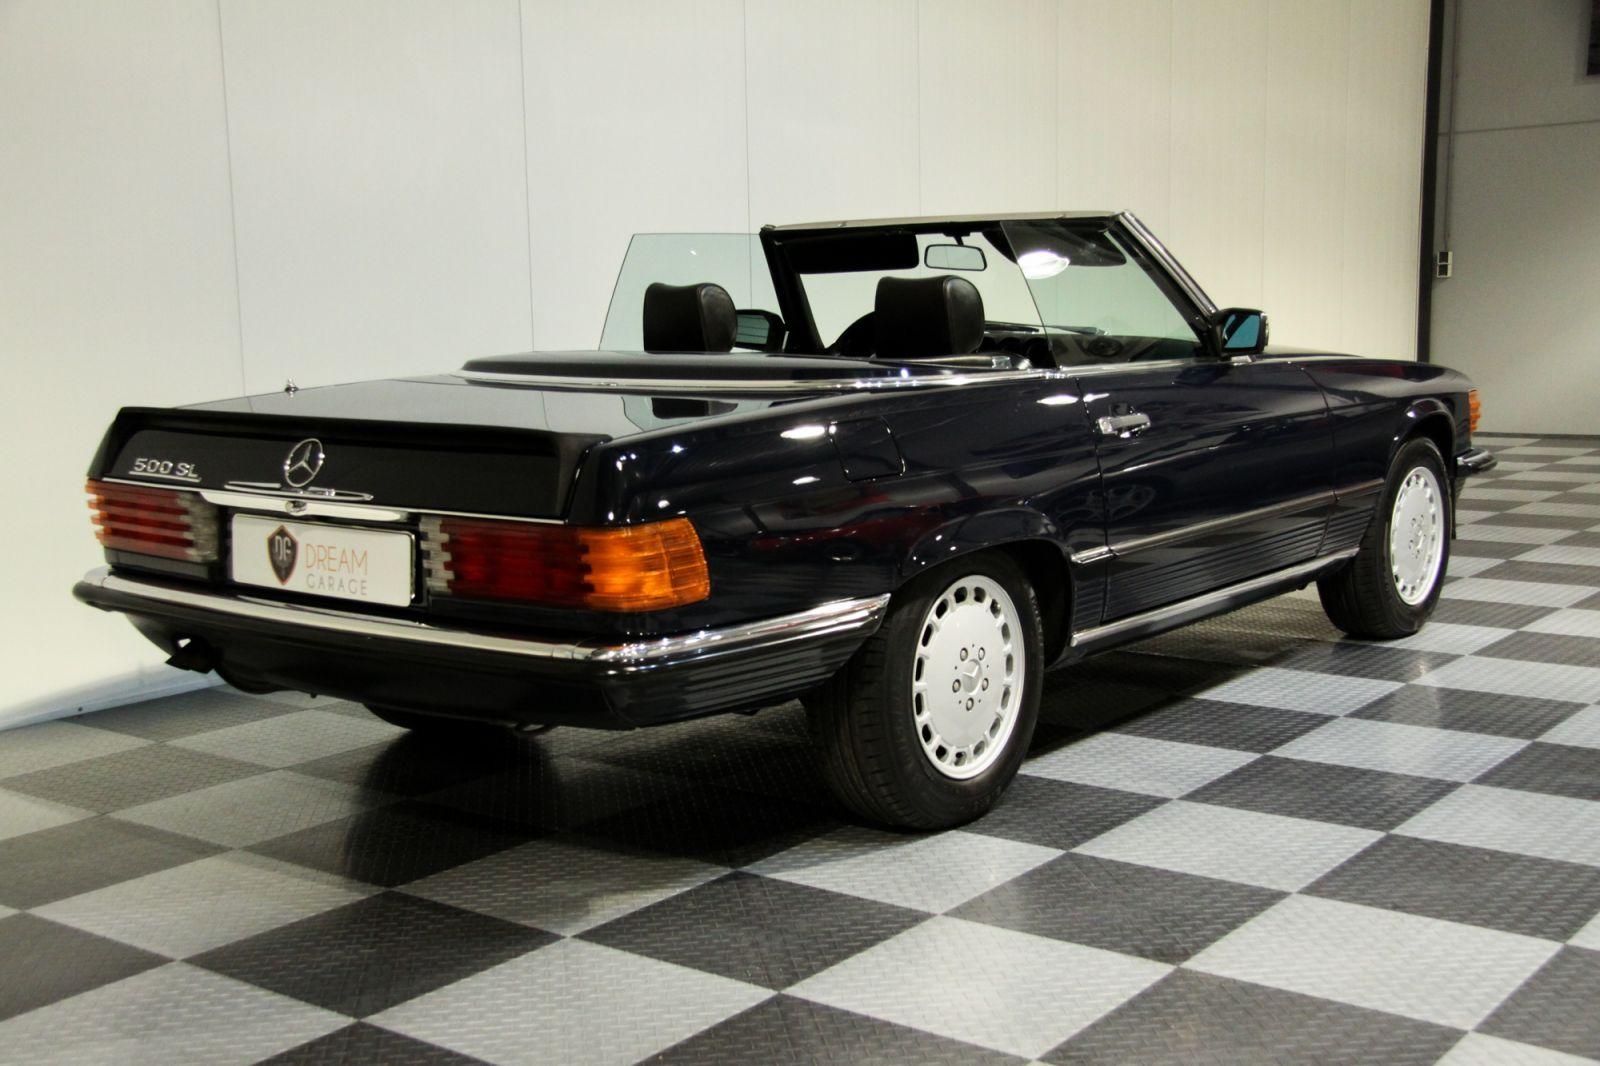 Dream garage verkauftmercedes mercedes benz 500 sl for Garage agree mercedes